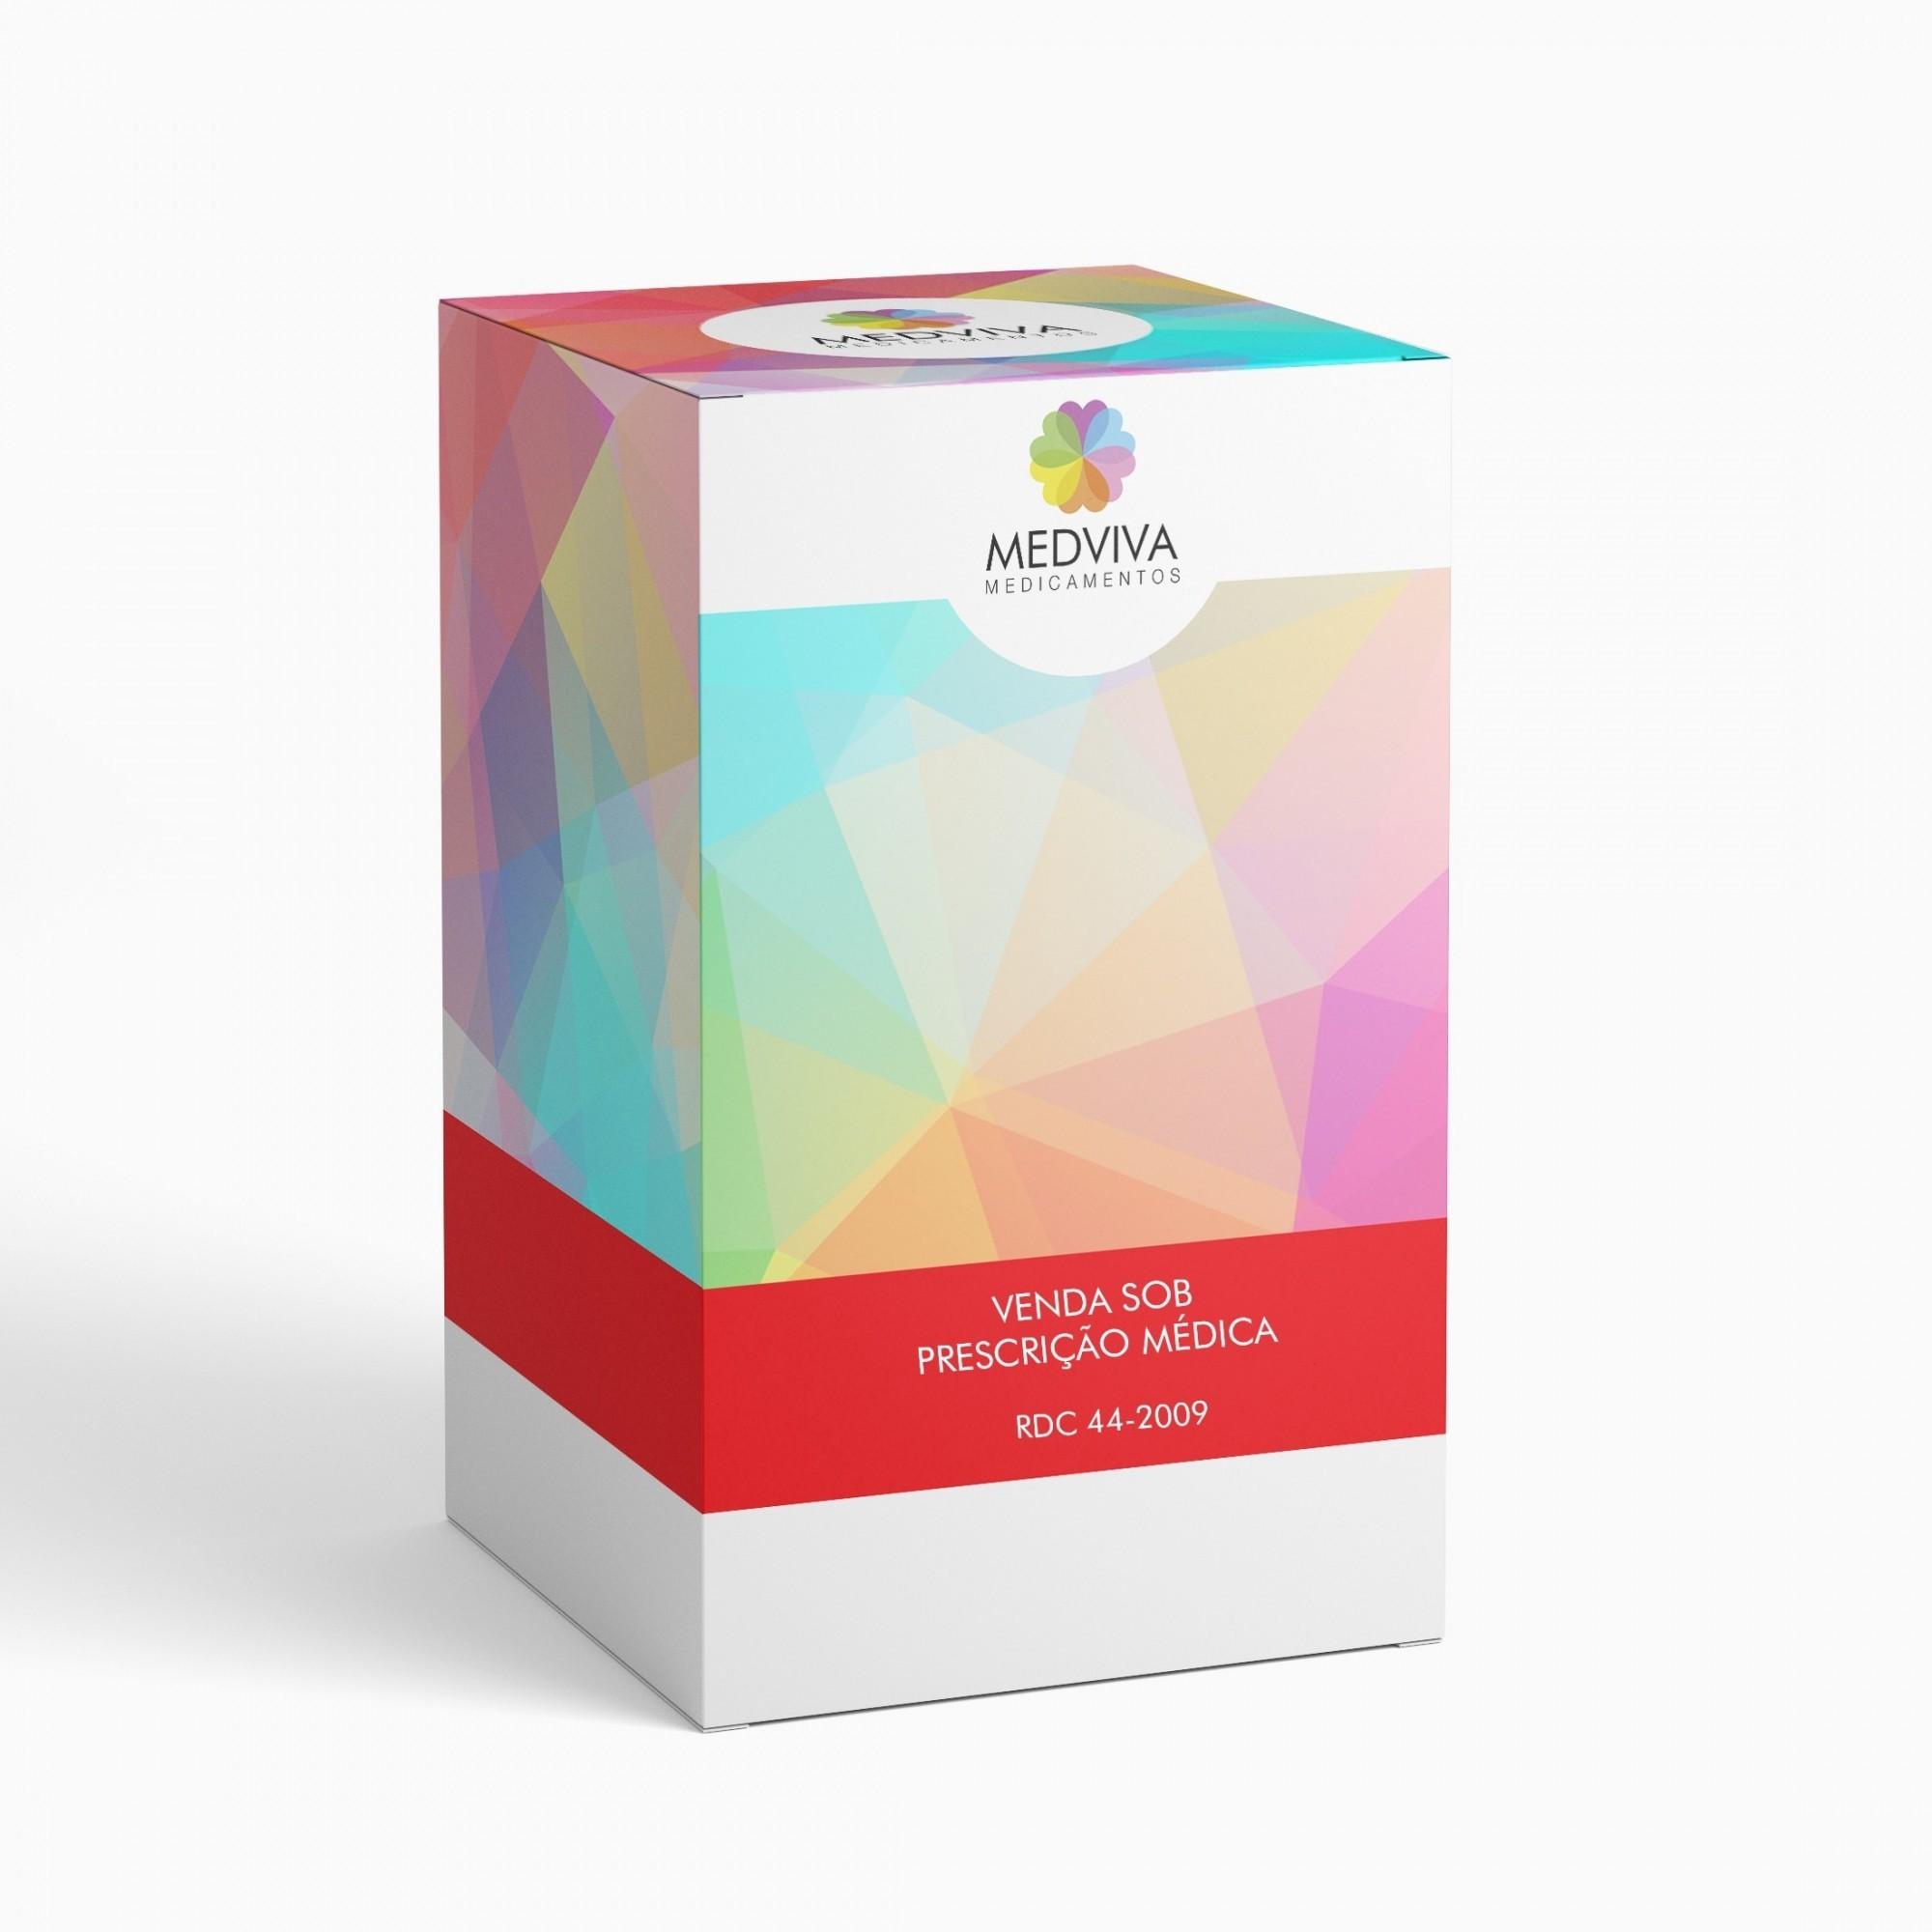 Zelboraf 240mg Caixa com 56 Comprimidos Revestidos